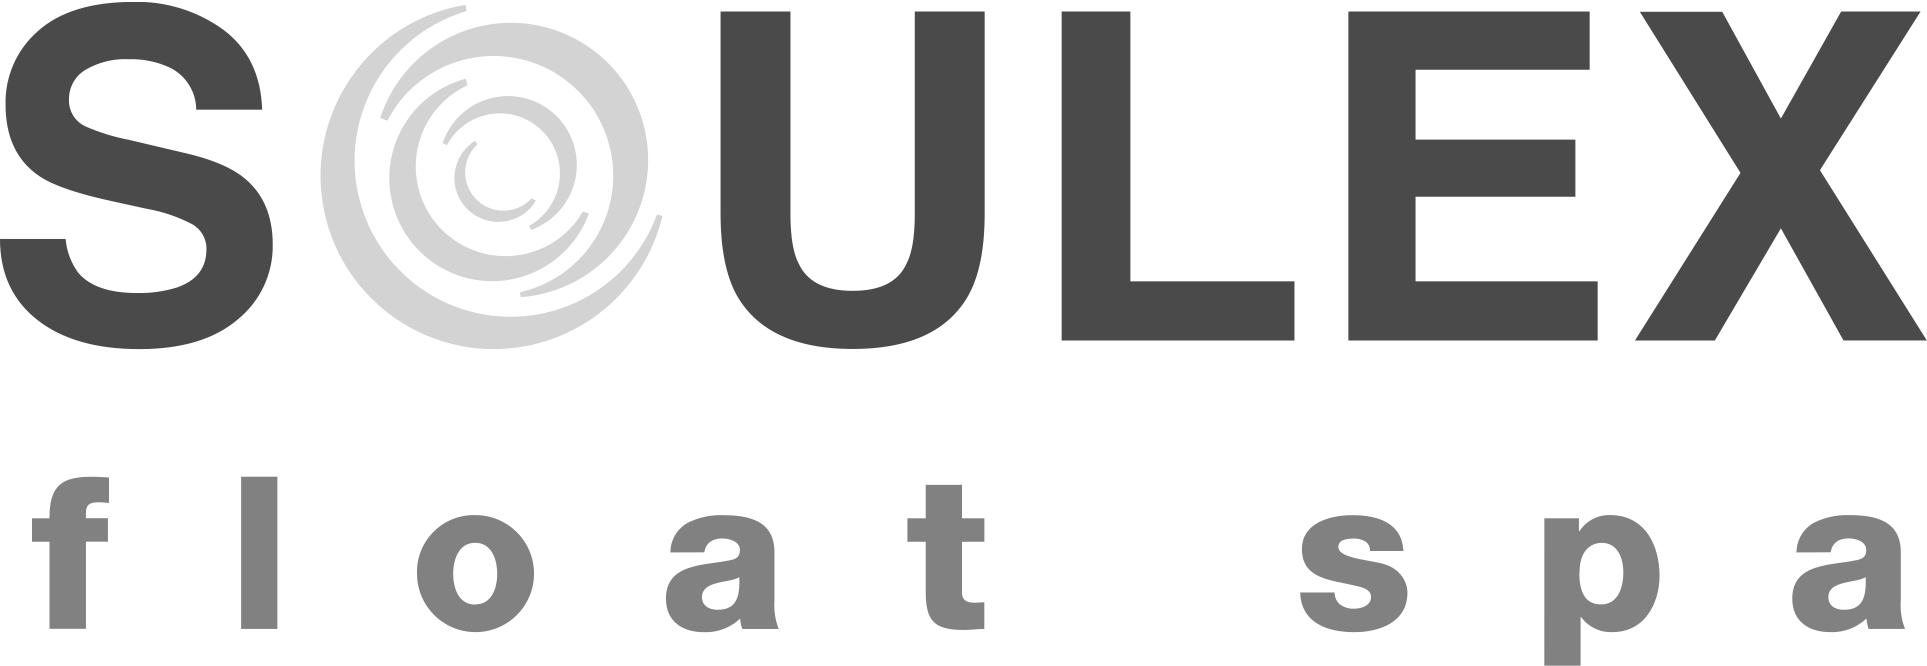 soulex_finalLogo copy.png